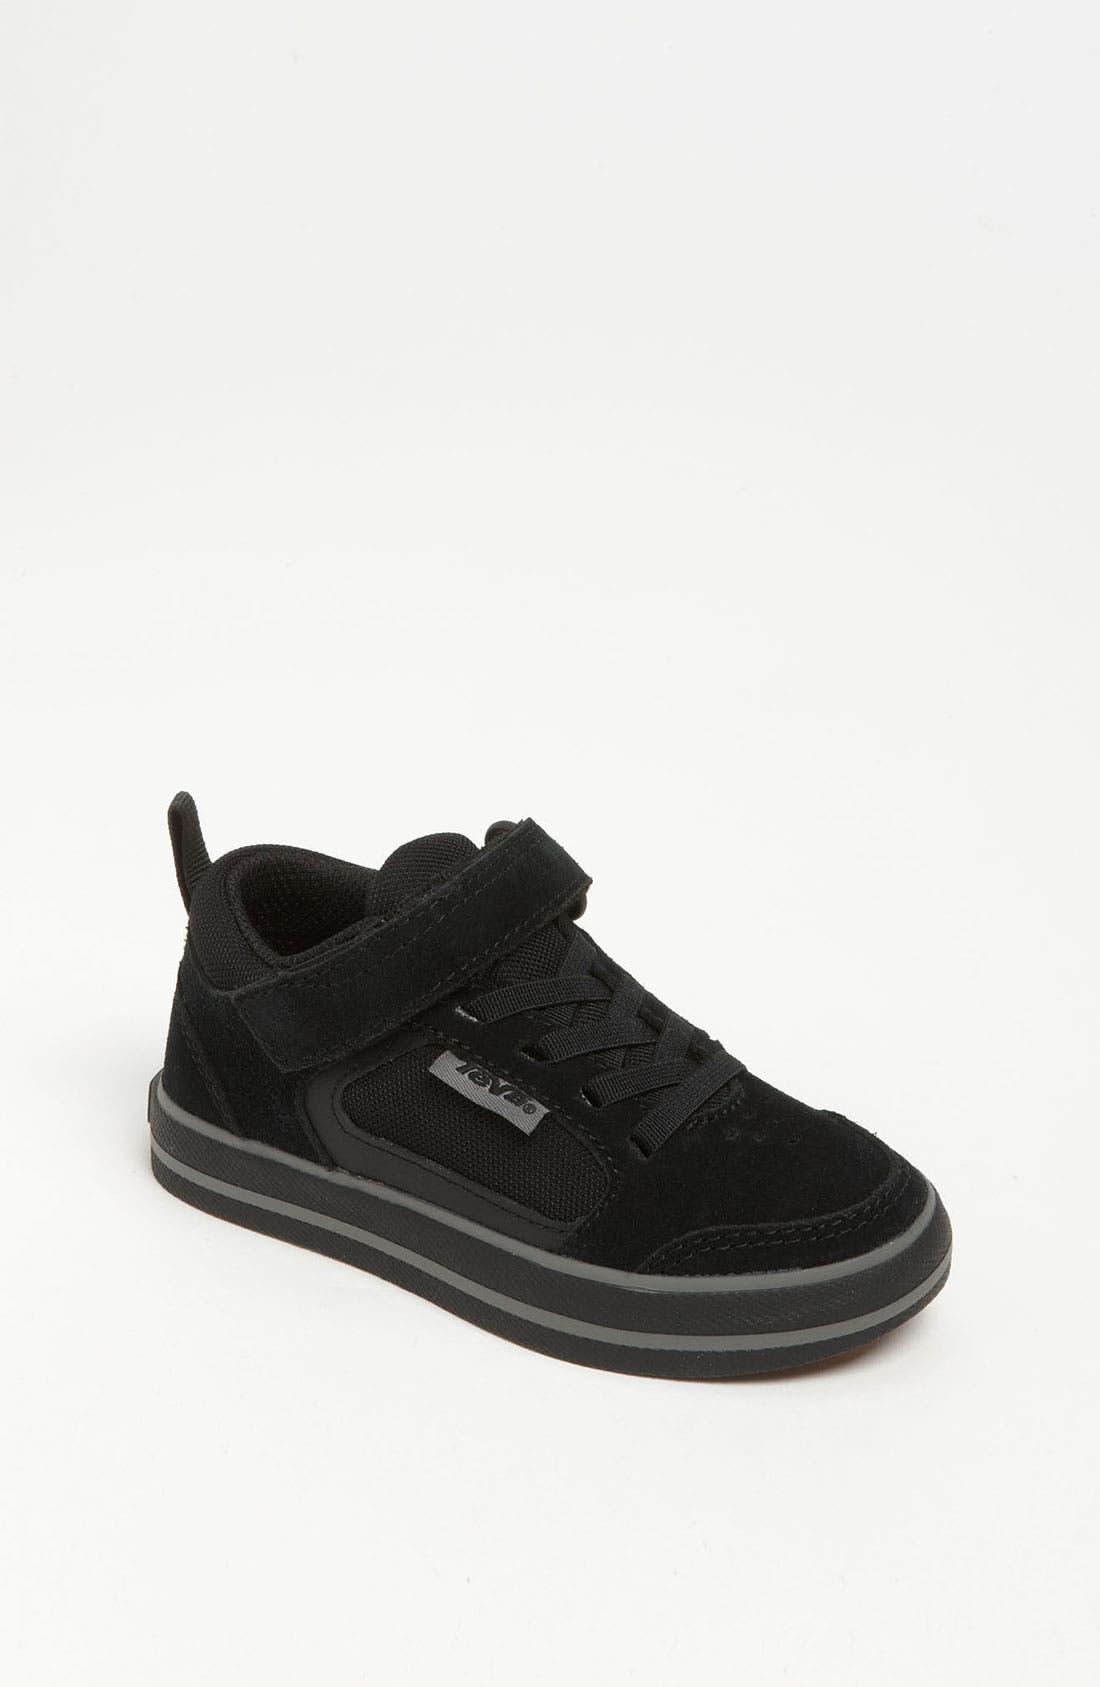 Alternate Image 1 Selected - Teva 'Crank C' Sneaker (Toddler & Little Kid)